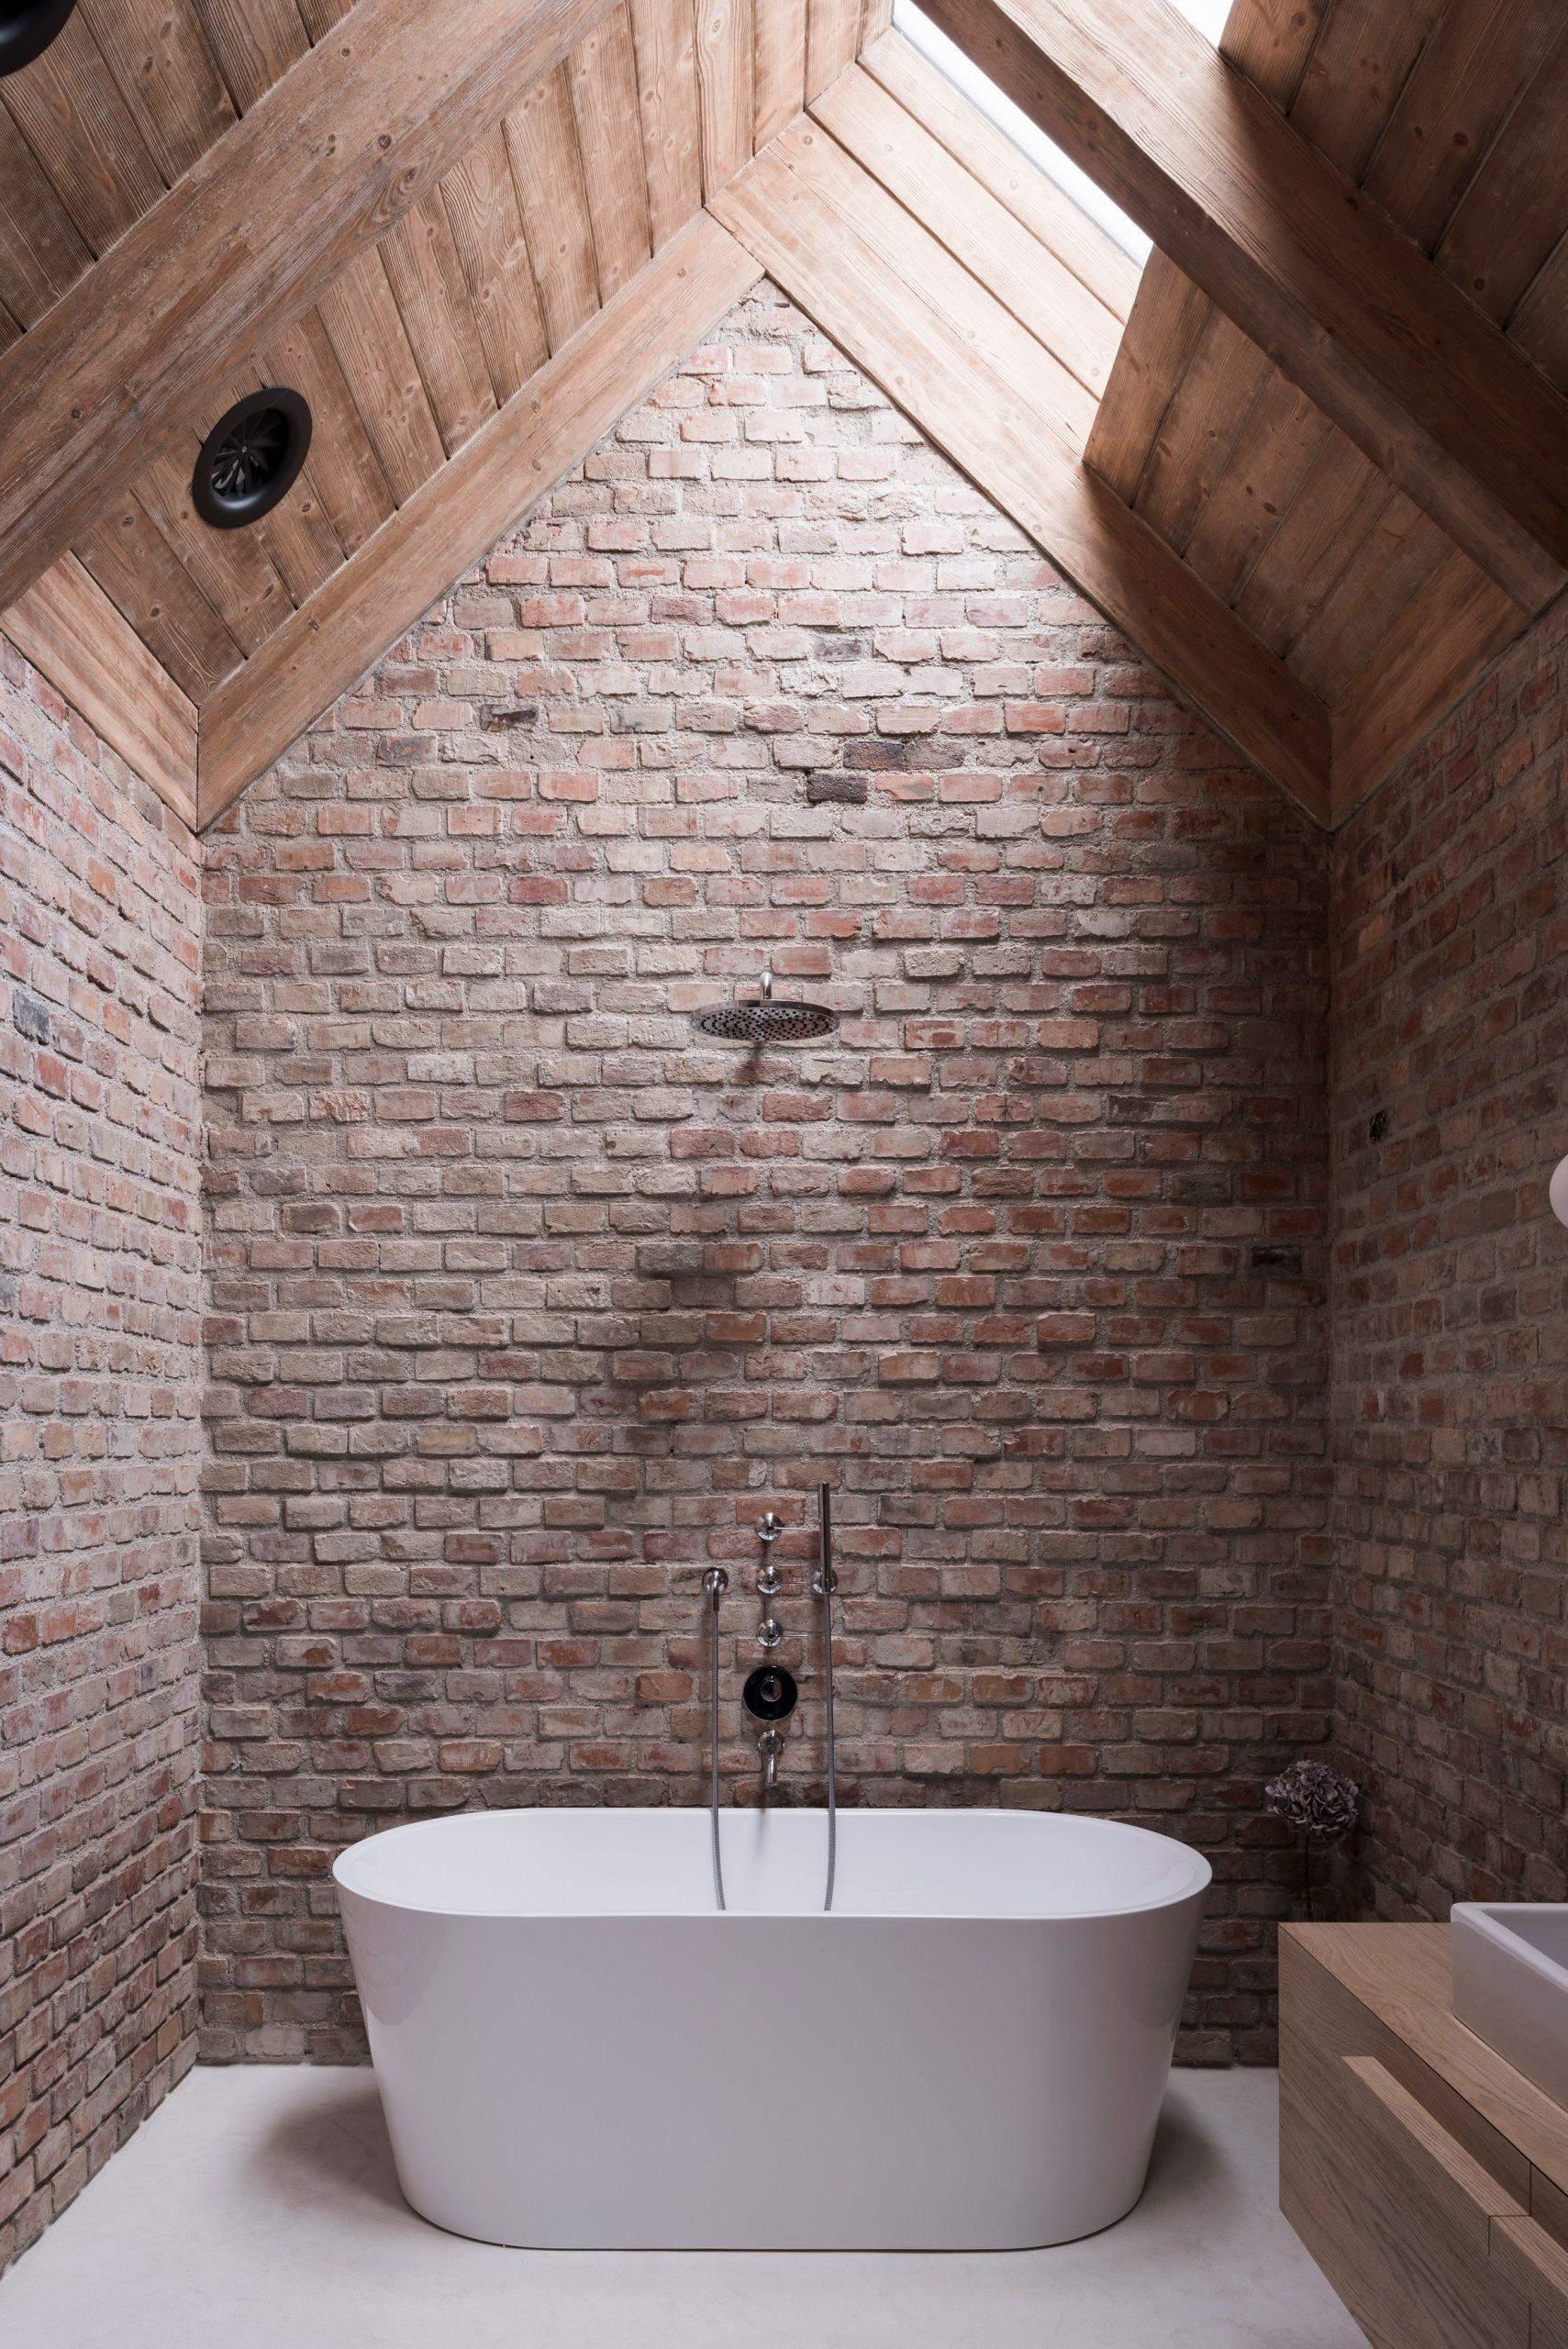 Ванна є однією з найпривабливіших кімнат у будинку